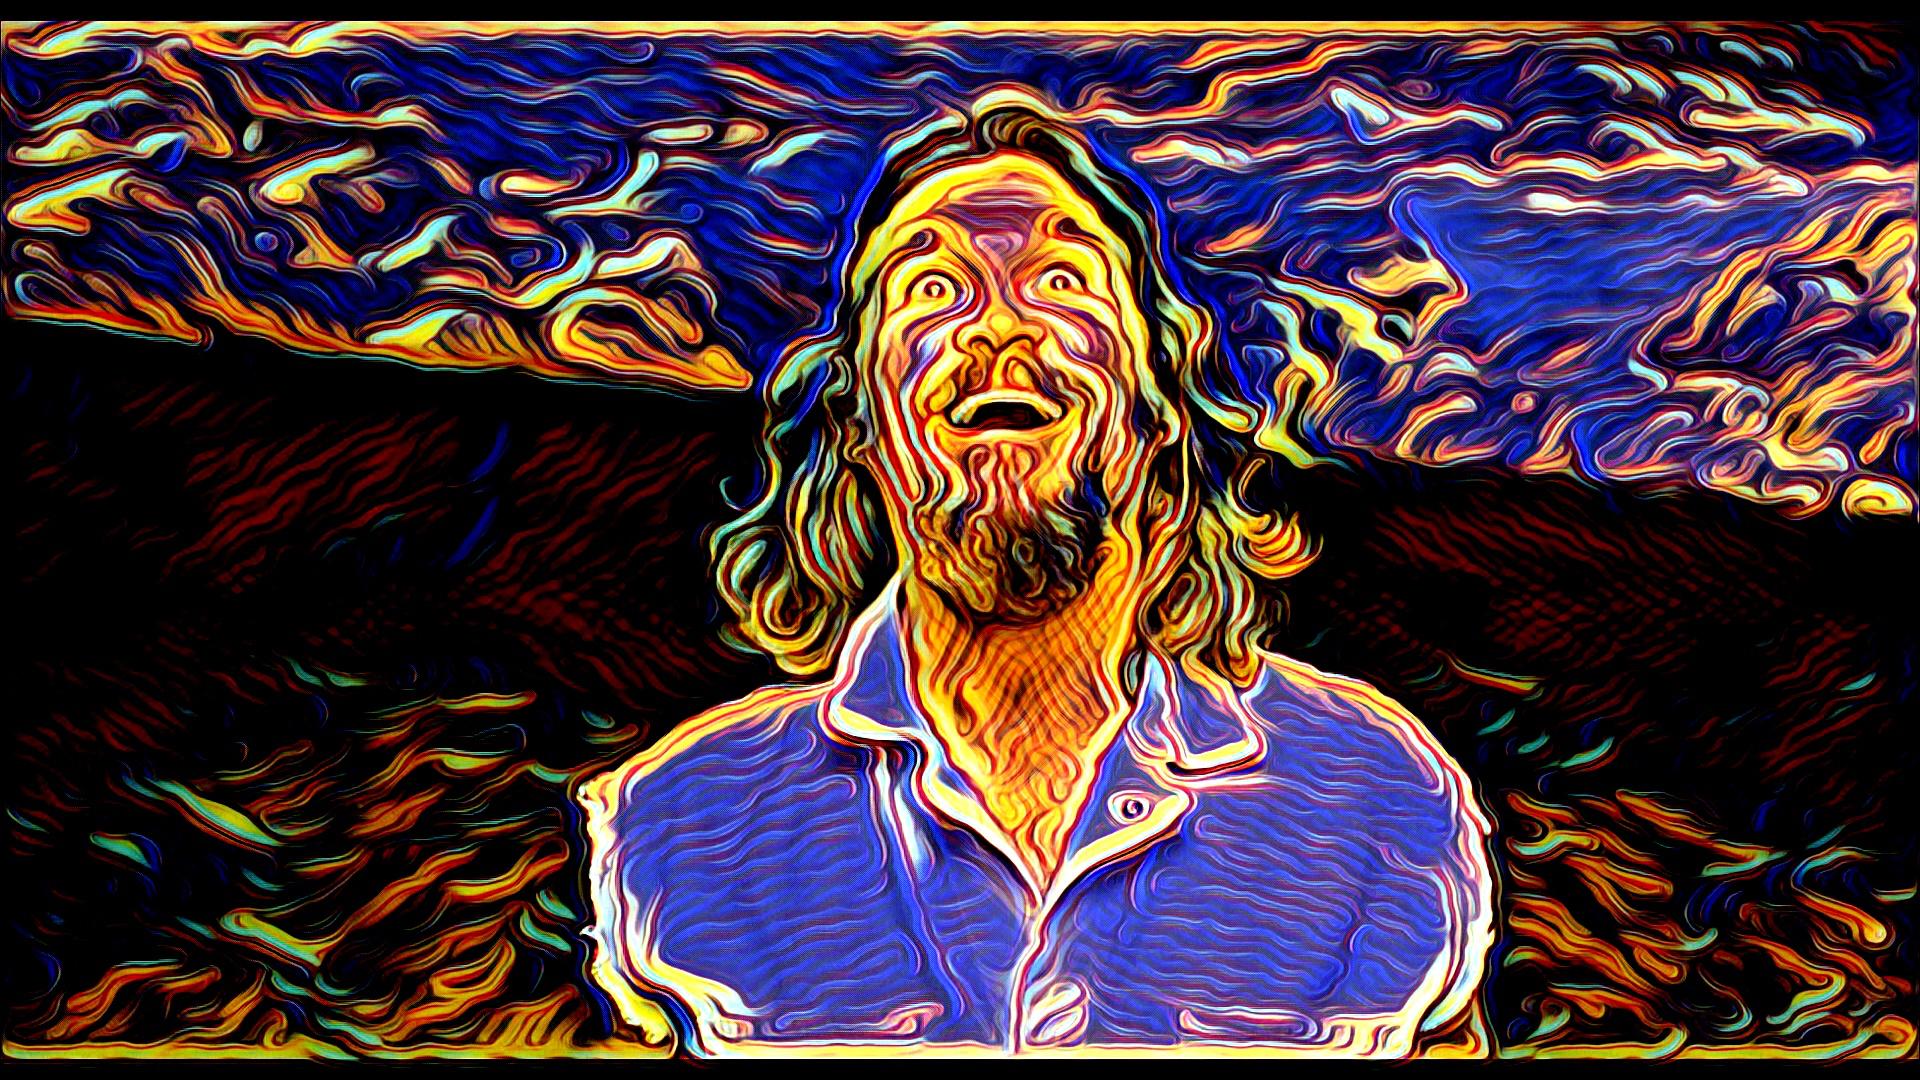 Simple Wallpaper Mac Trippy - Dude-Smile-Art-Trippy-2  Image_67725.jpg